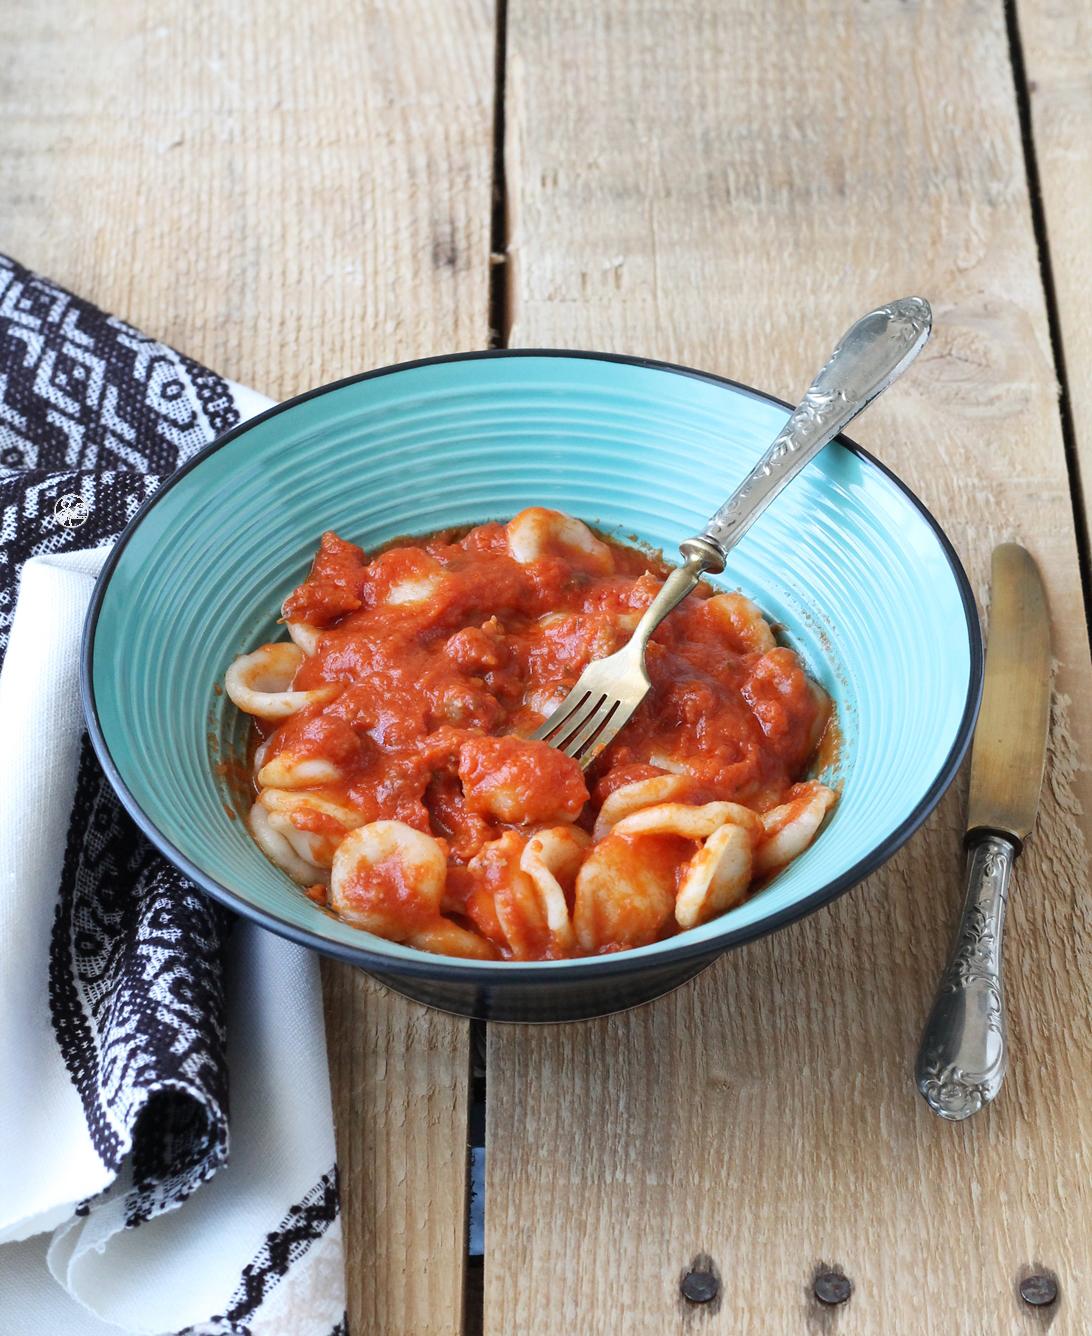 Orecchiette senza glutine con sugo di salsiccia e scamorza - La Cassata Celiaca